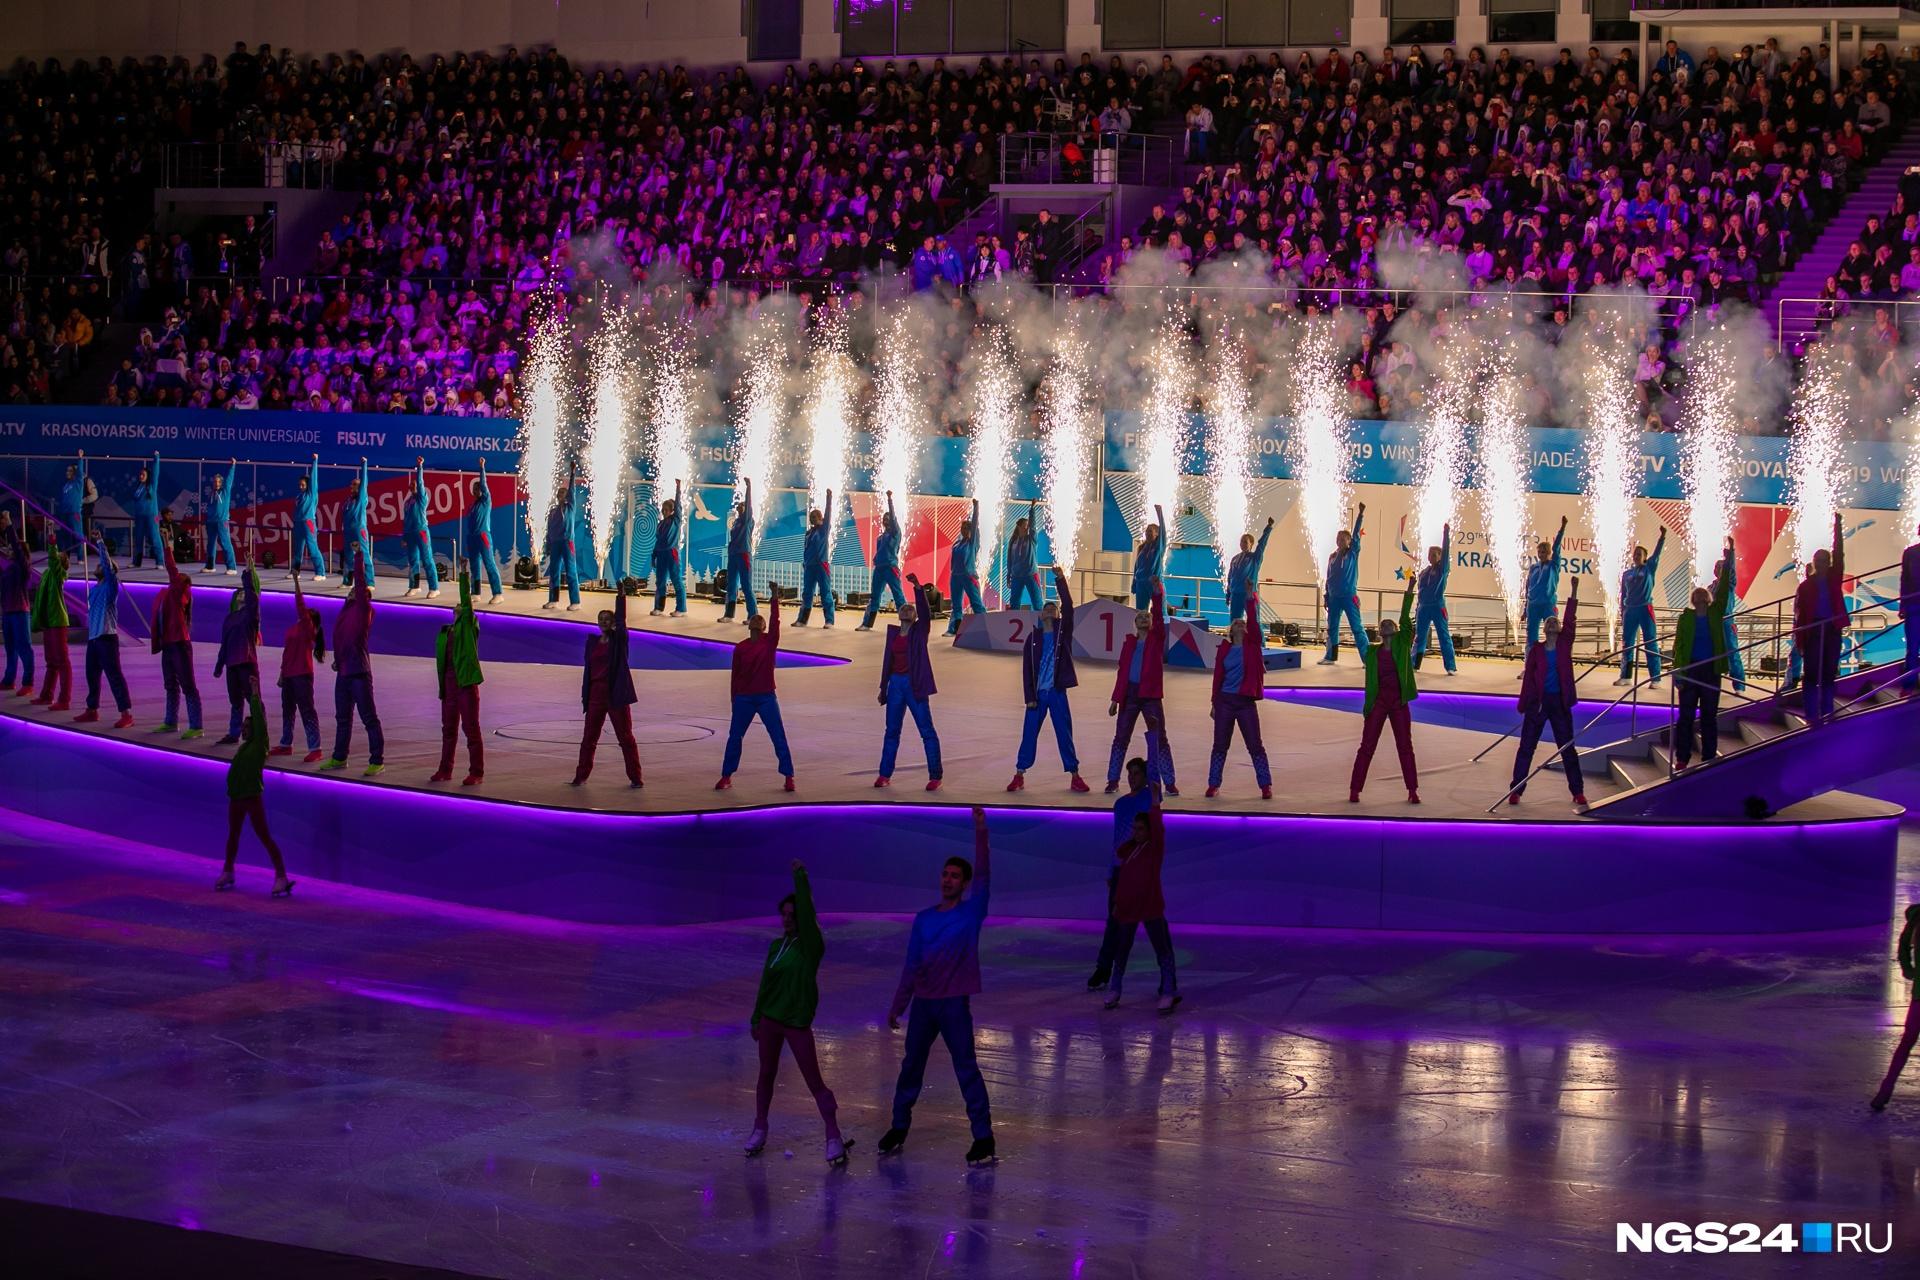 Первый эпизод закрытия — «Энергия».Среди танцующих и тех, кто готовил номер, — именитая фигуристка Аделина Сотникова. Ребята составляли цифры «2019»